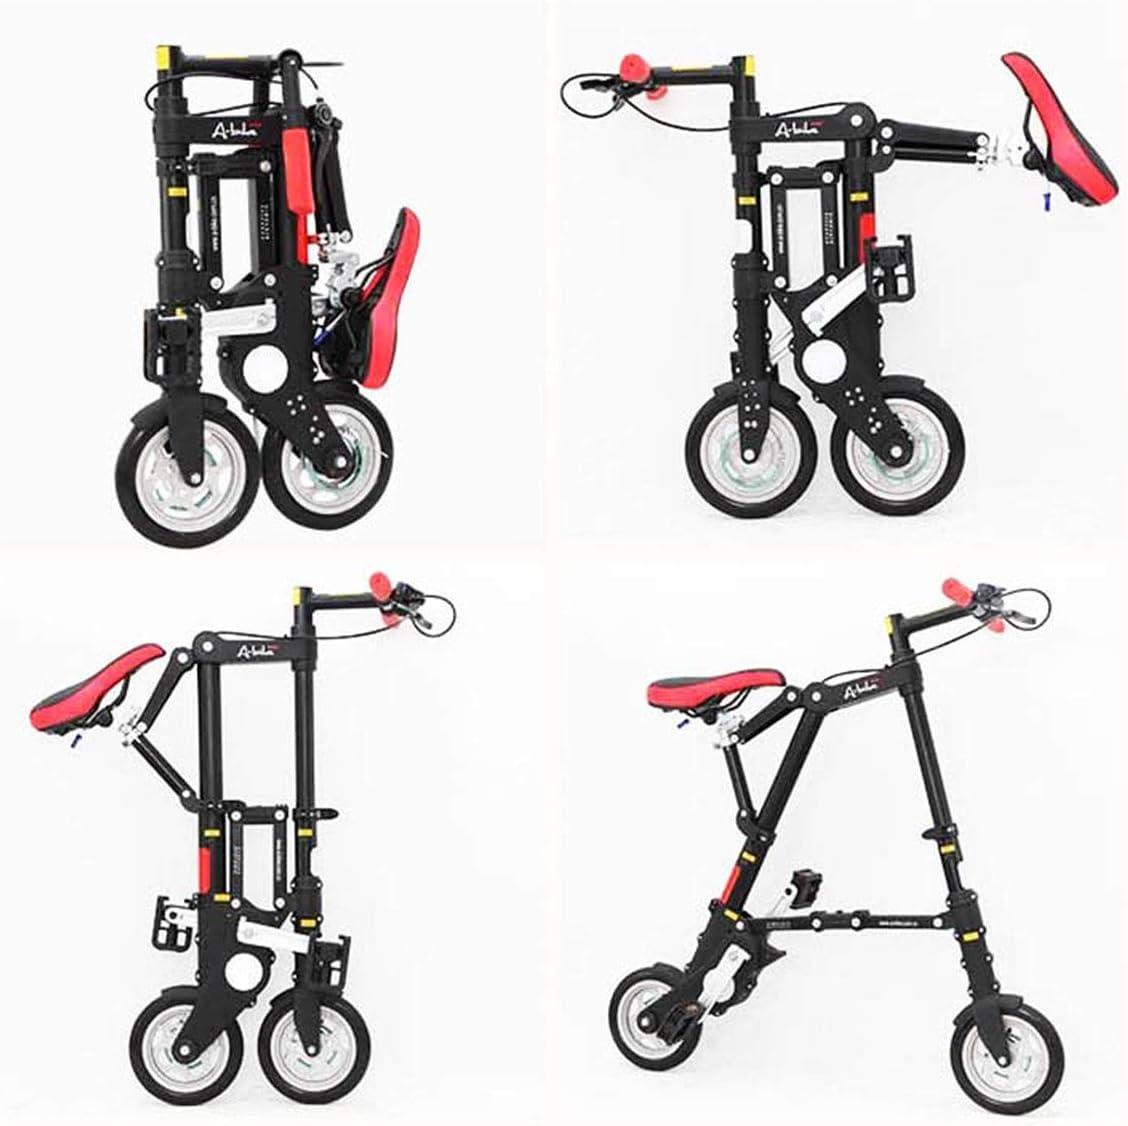 GOHHK Bicicletas Plegables Mini voladoras livianas para Hombres y Mujeres, Cuadro más Resistente aleación Aluminio 8 , Unisex, Bicicleta Viaje Dorada Brillante para Exteriores: Amazon.es: Deportes y aire libre